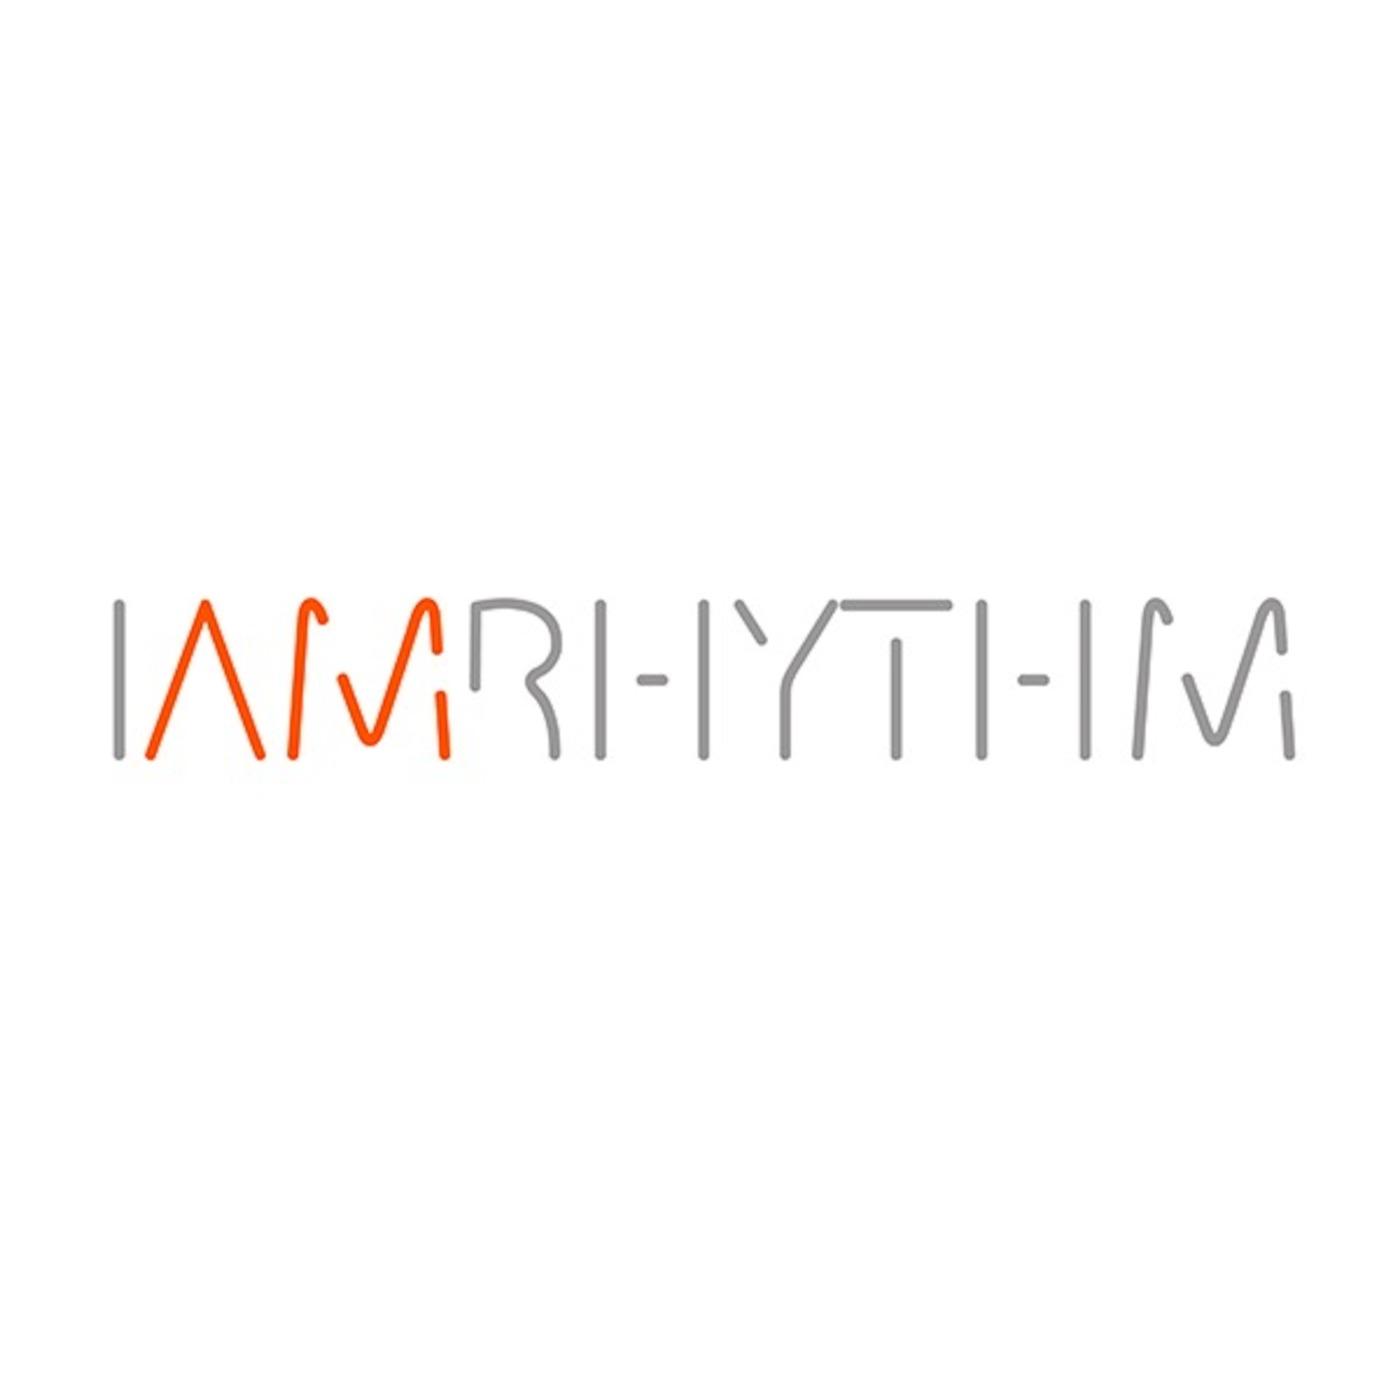 I AM RHYTHM